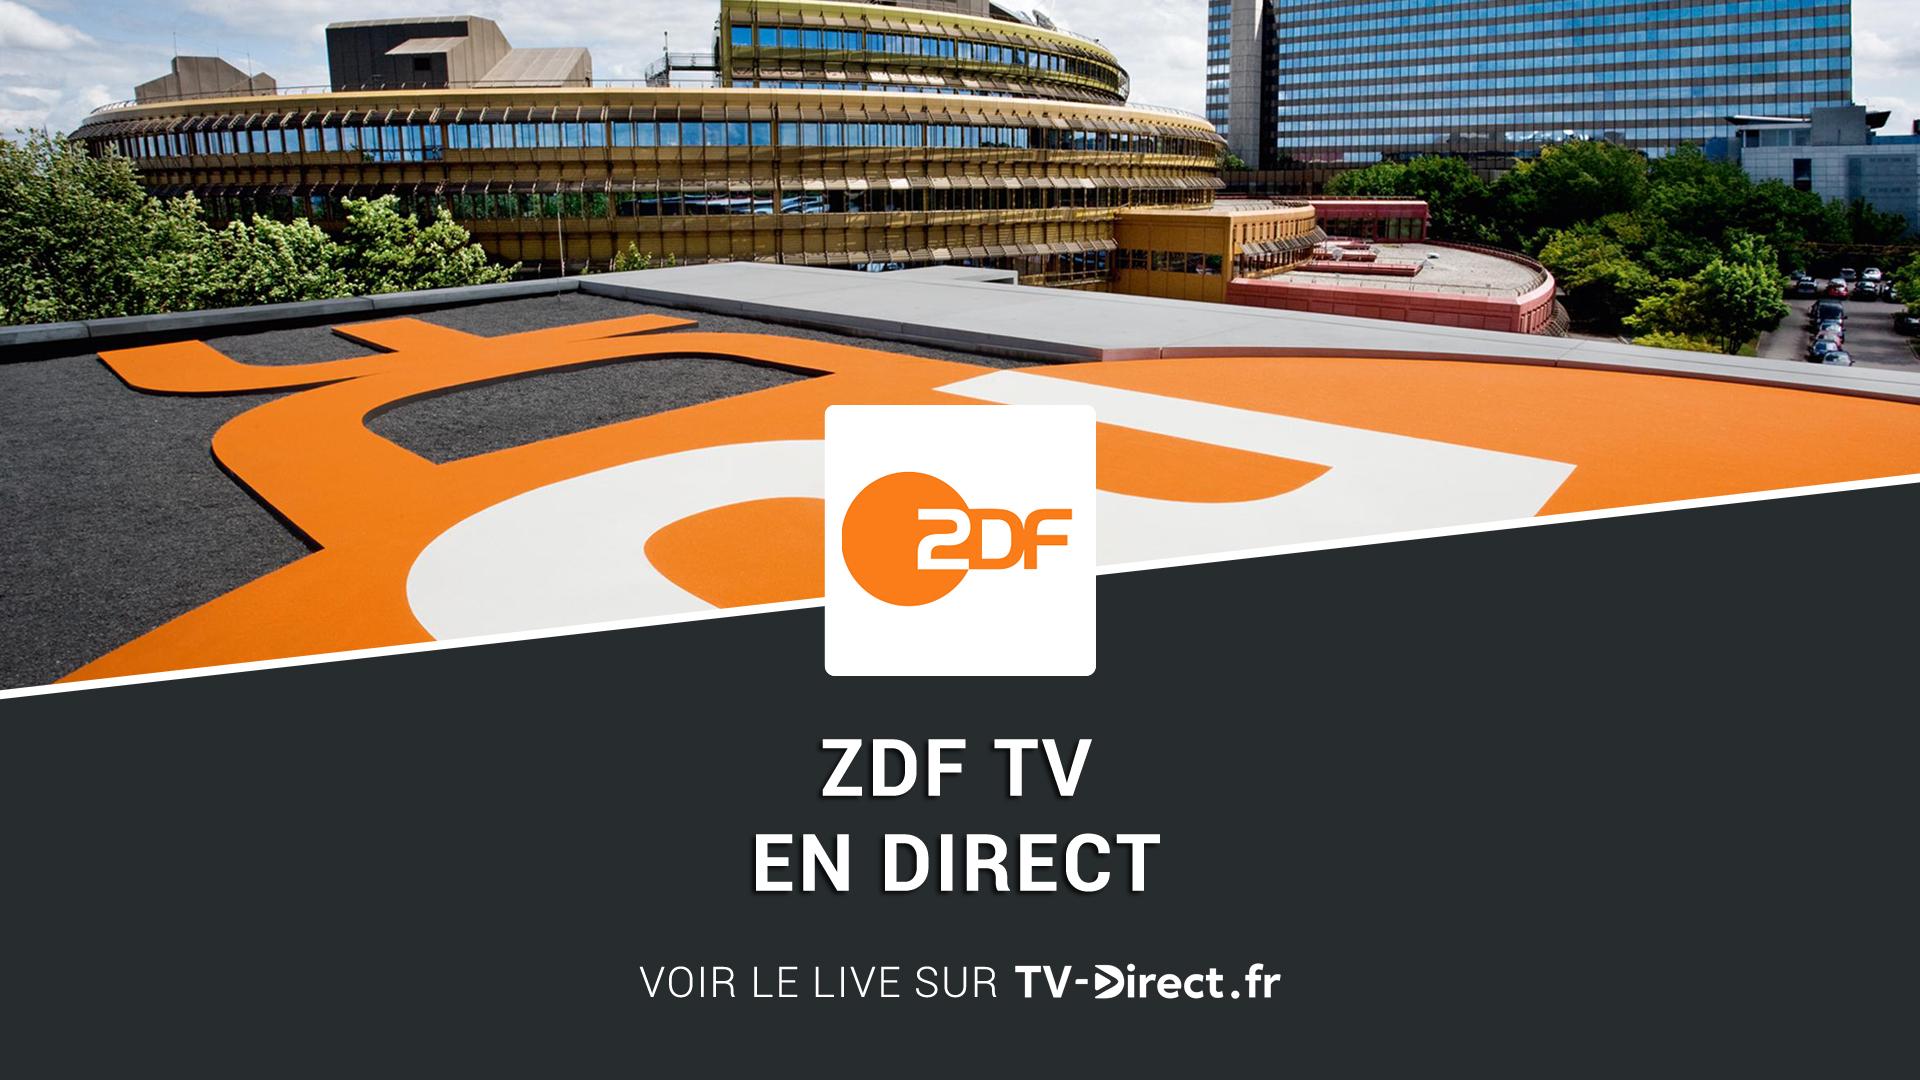 Zdf+Live